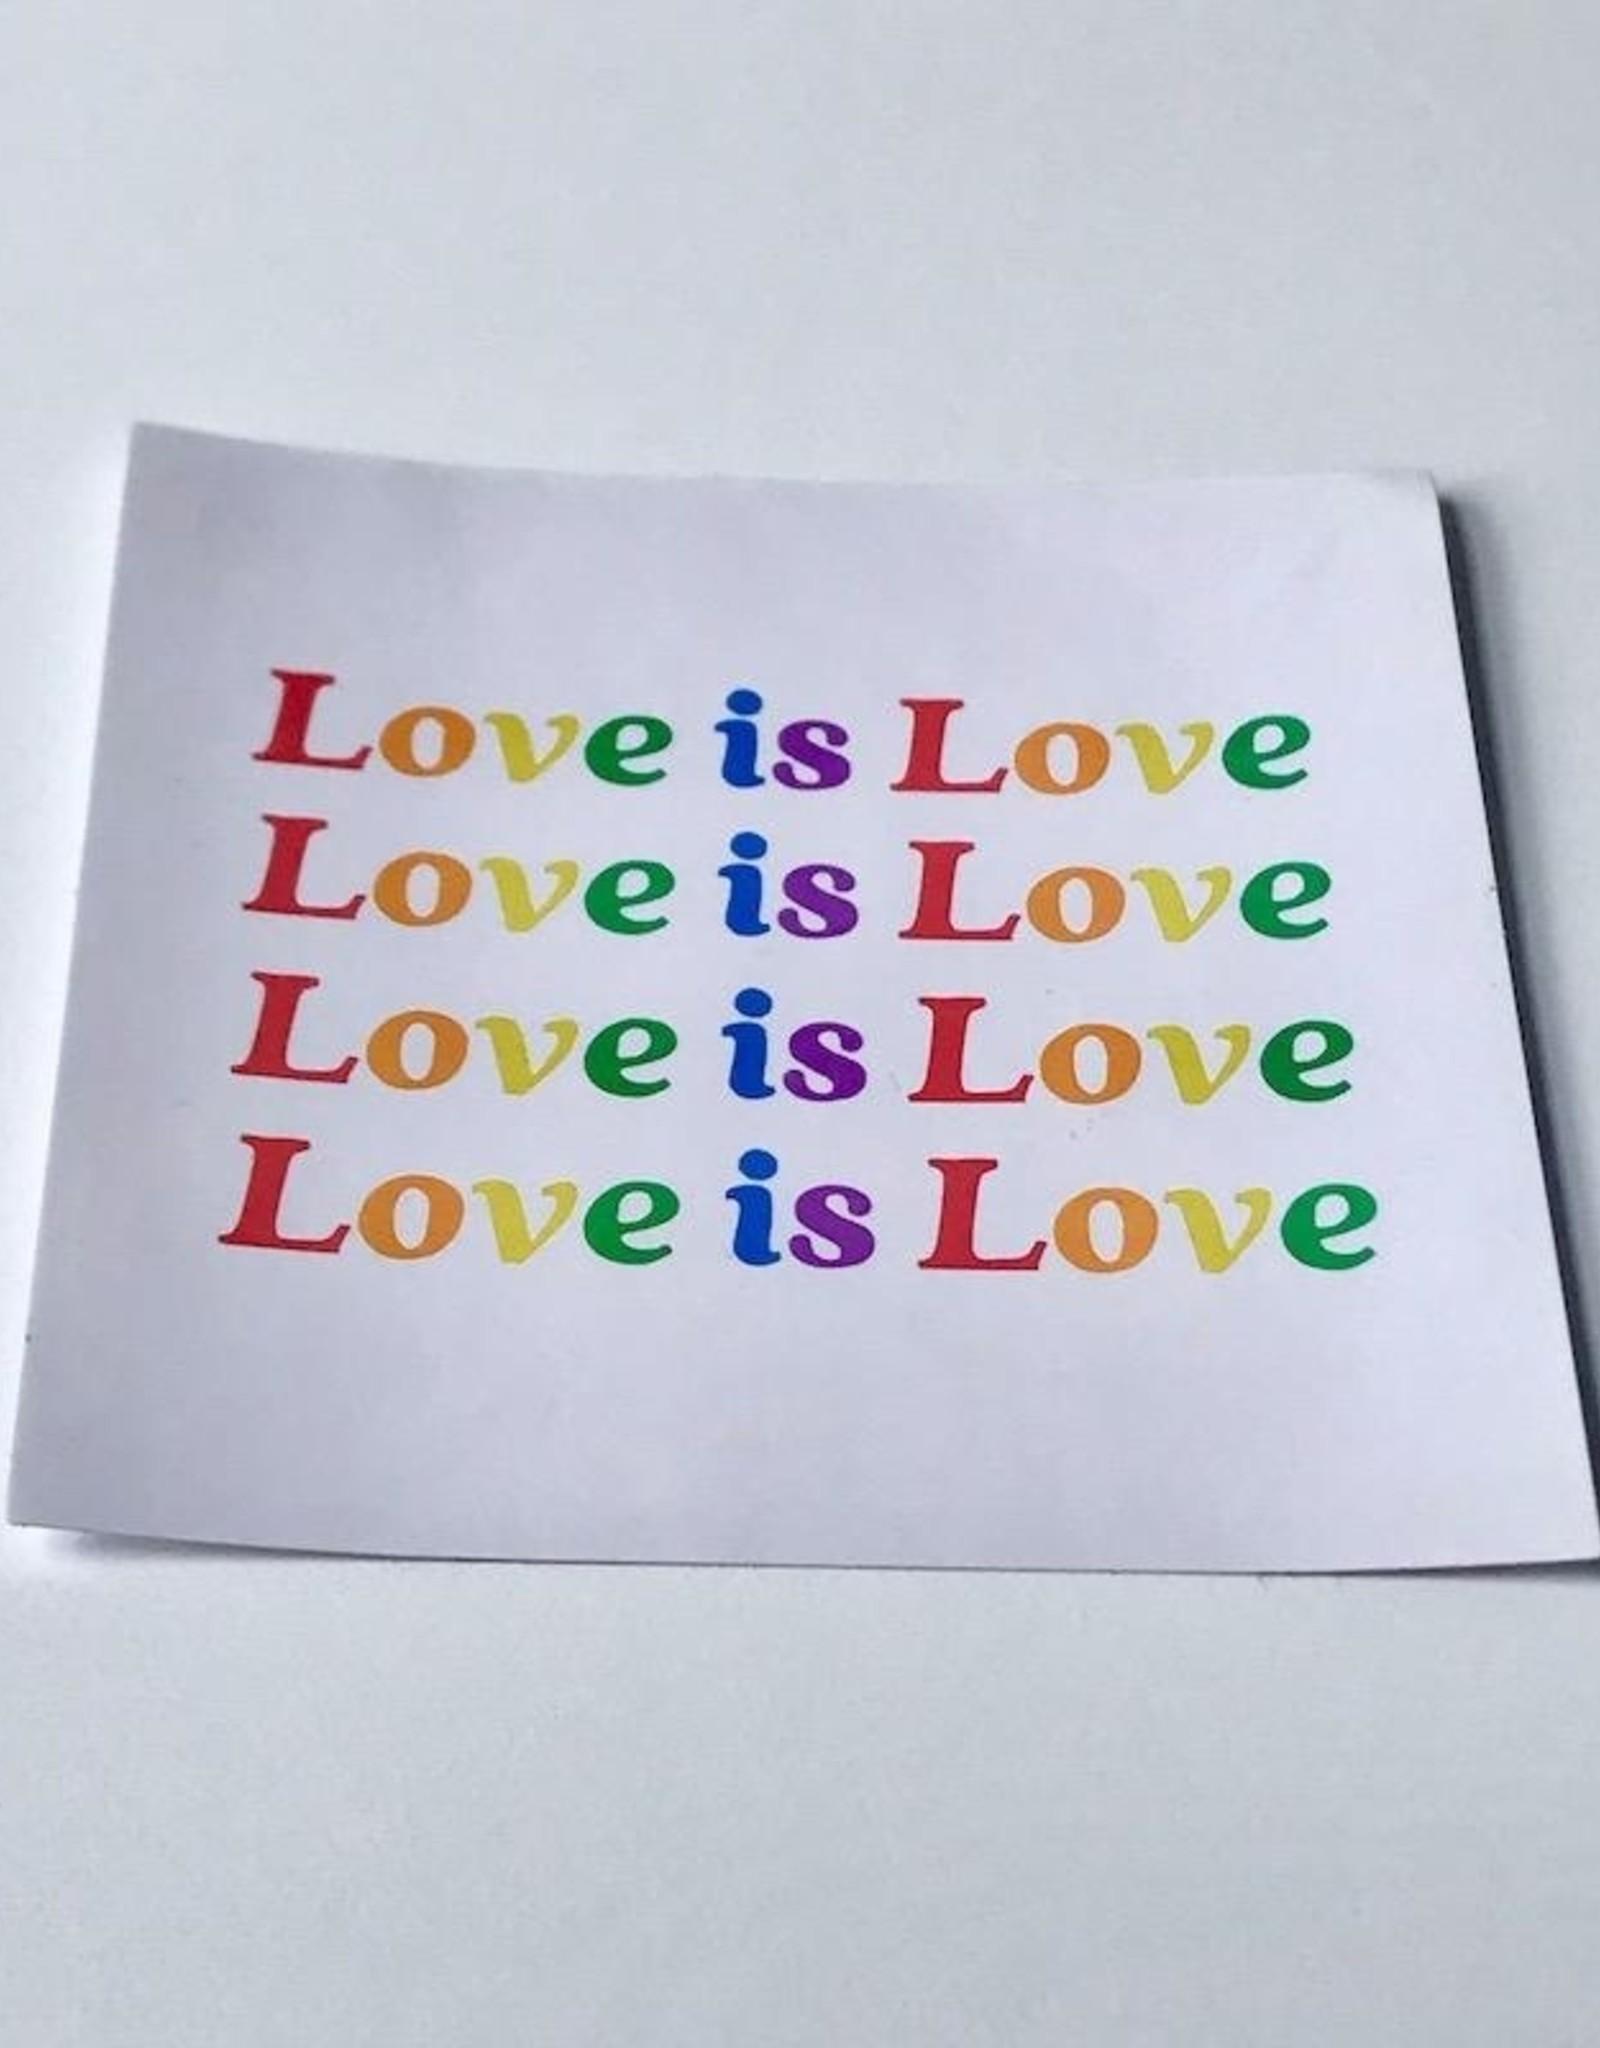 Made Au Gold Rainbow Love Is Love Sticker